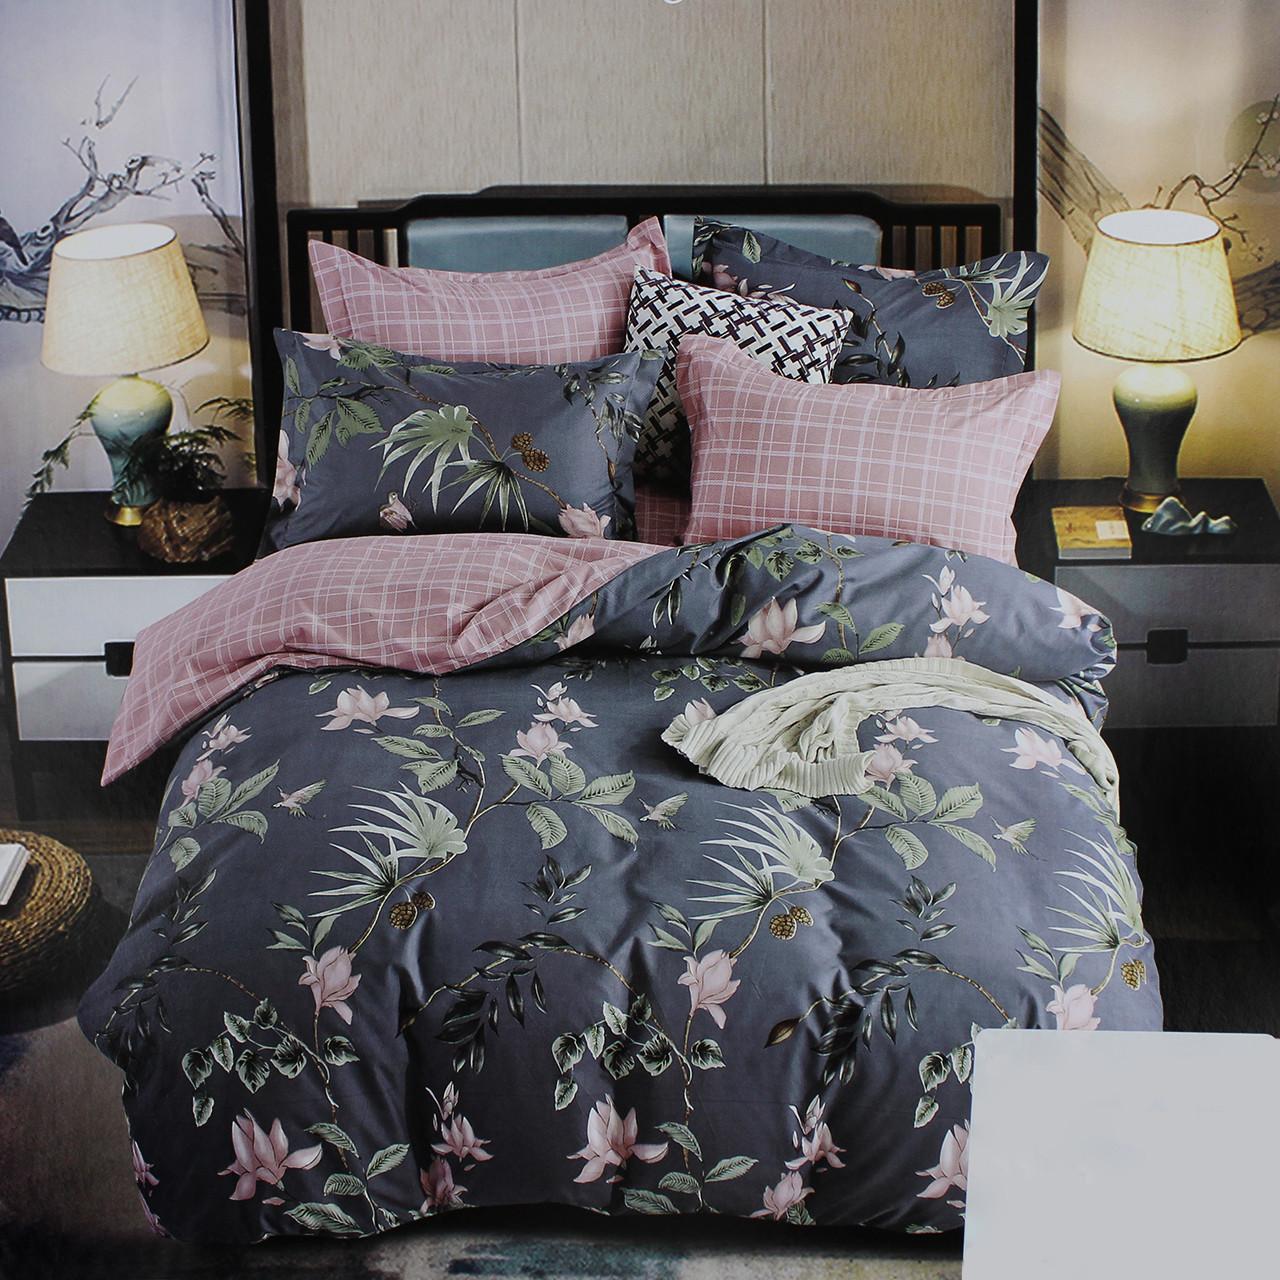 Комплект постельного белья сатин серый Цветы Koloco